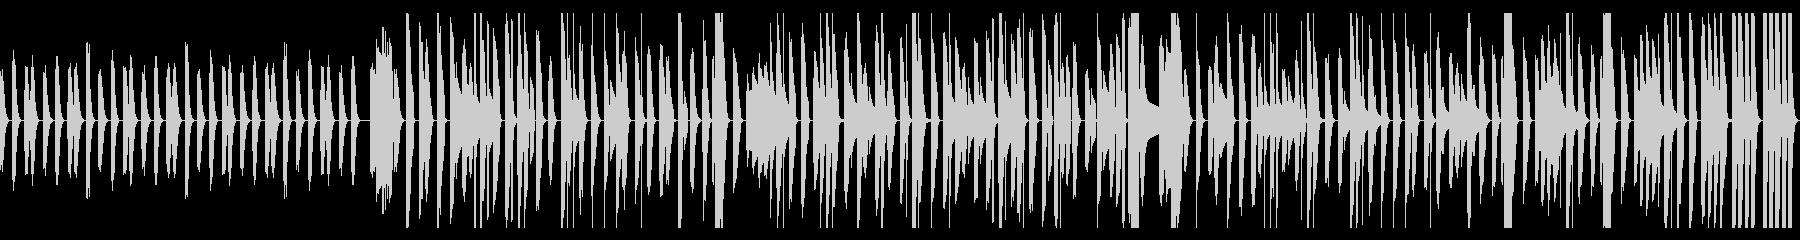 ピタゴラスイッチ風のボサノバピアノの未再生の波形